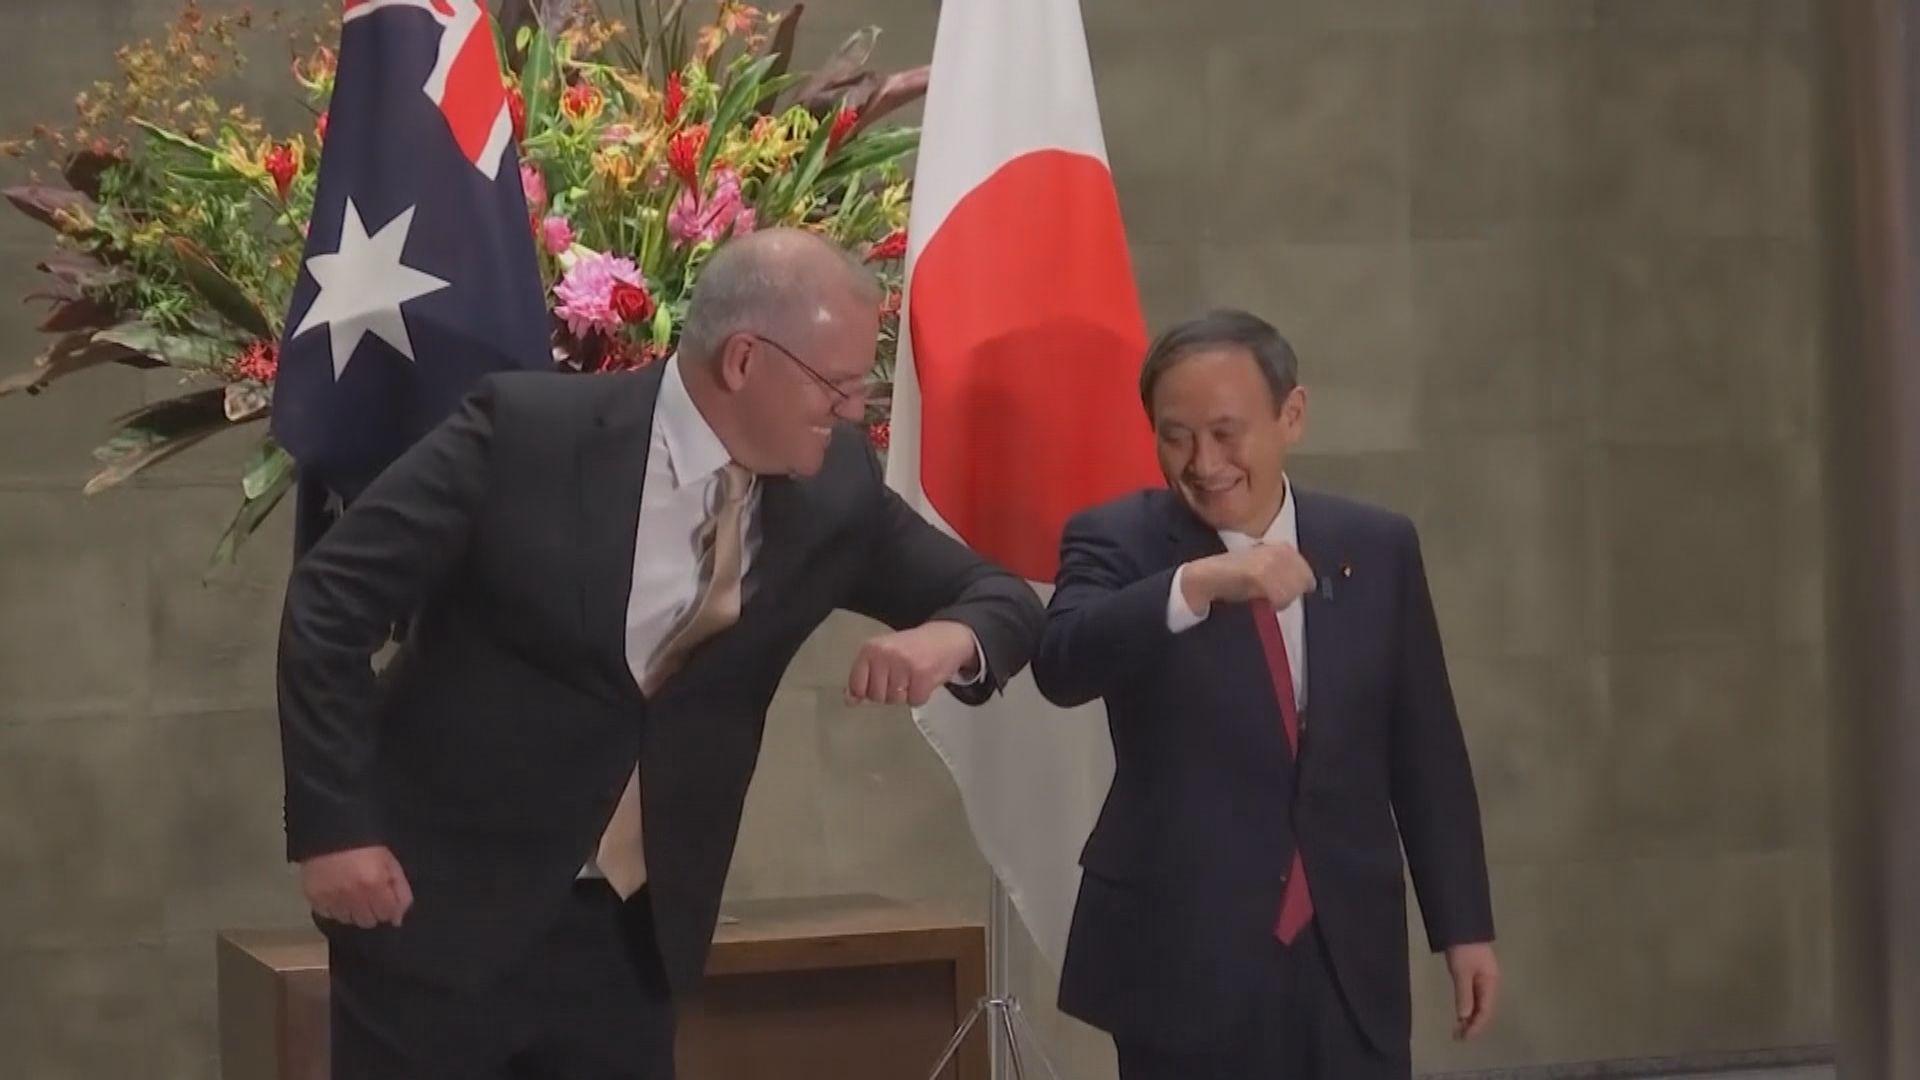 澳洲總理訪日簽訂協議 加強防衛合作